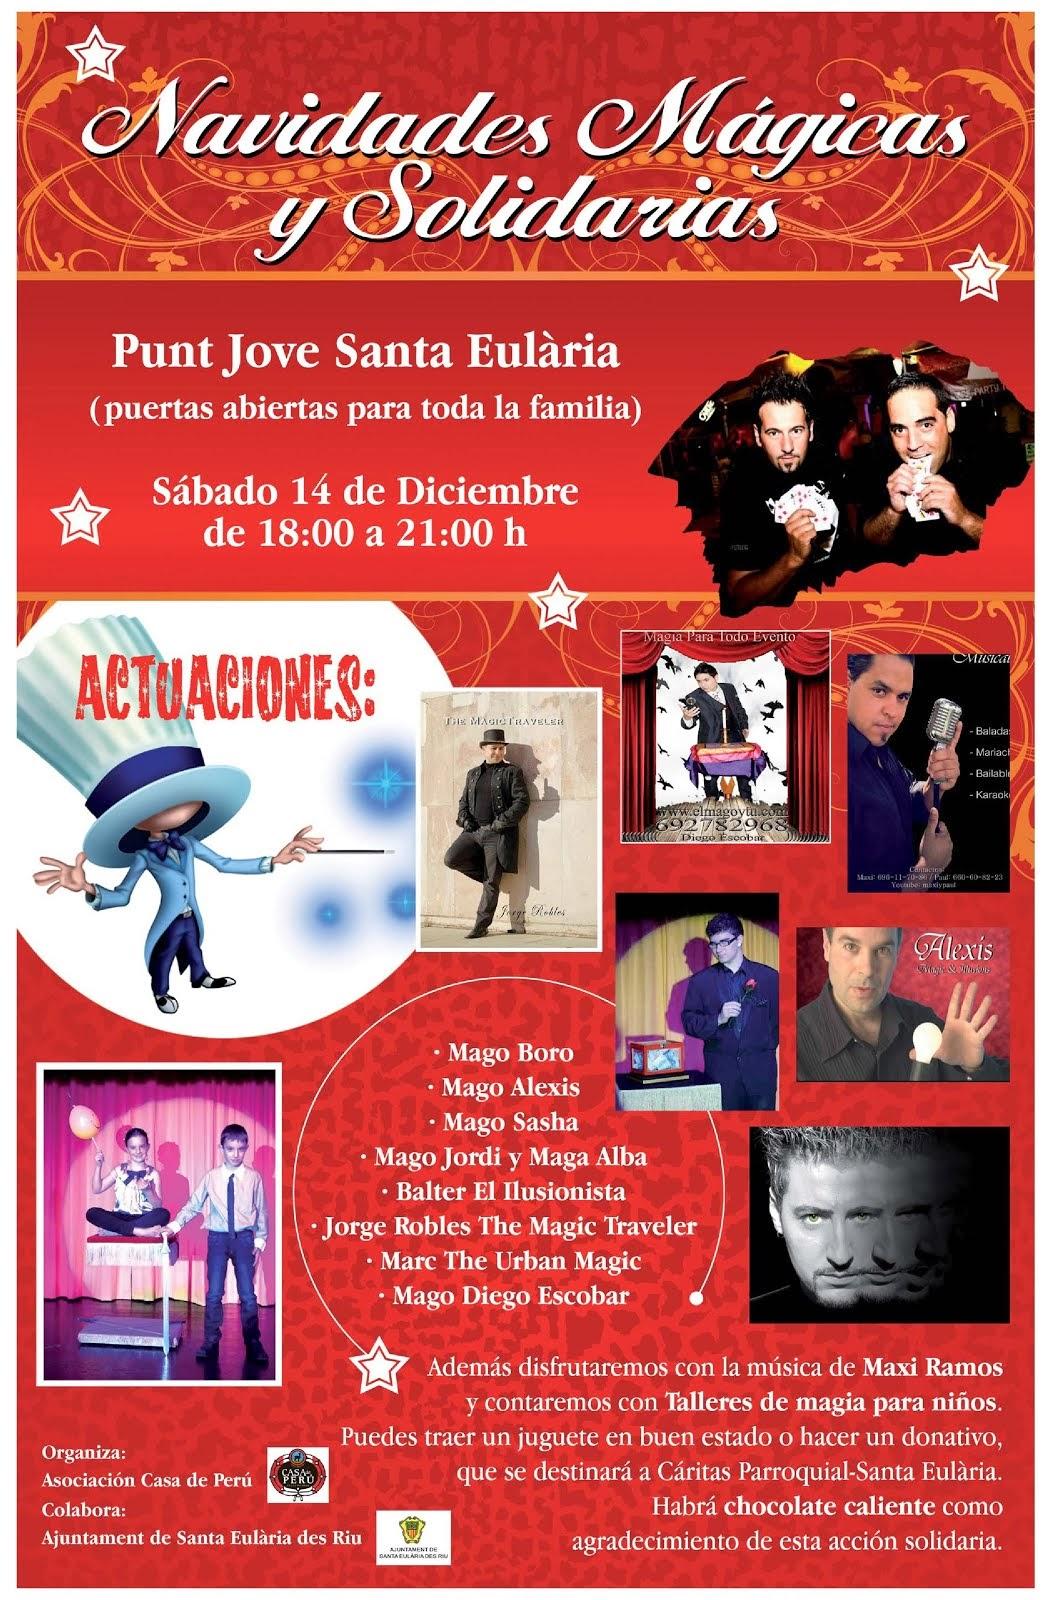 Navidades Mágicas y Solidarias 2013